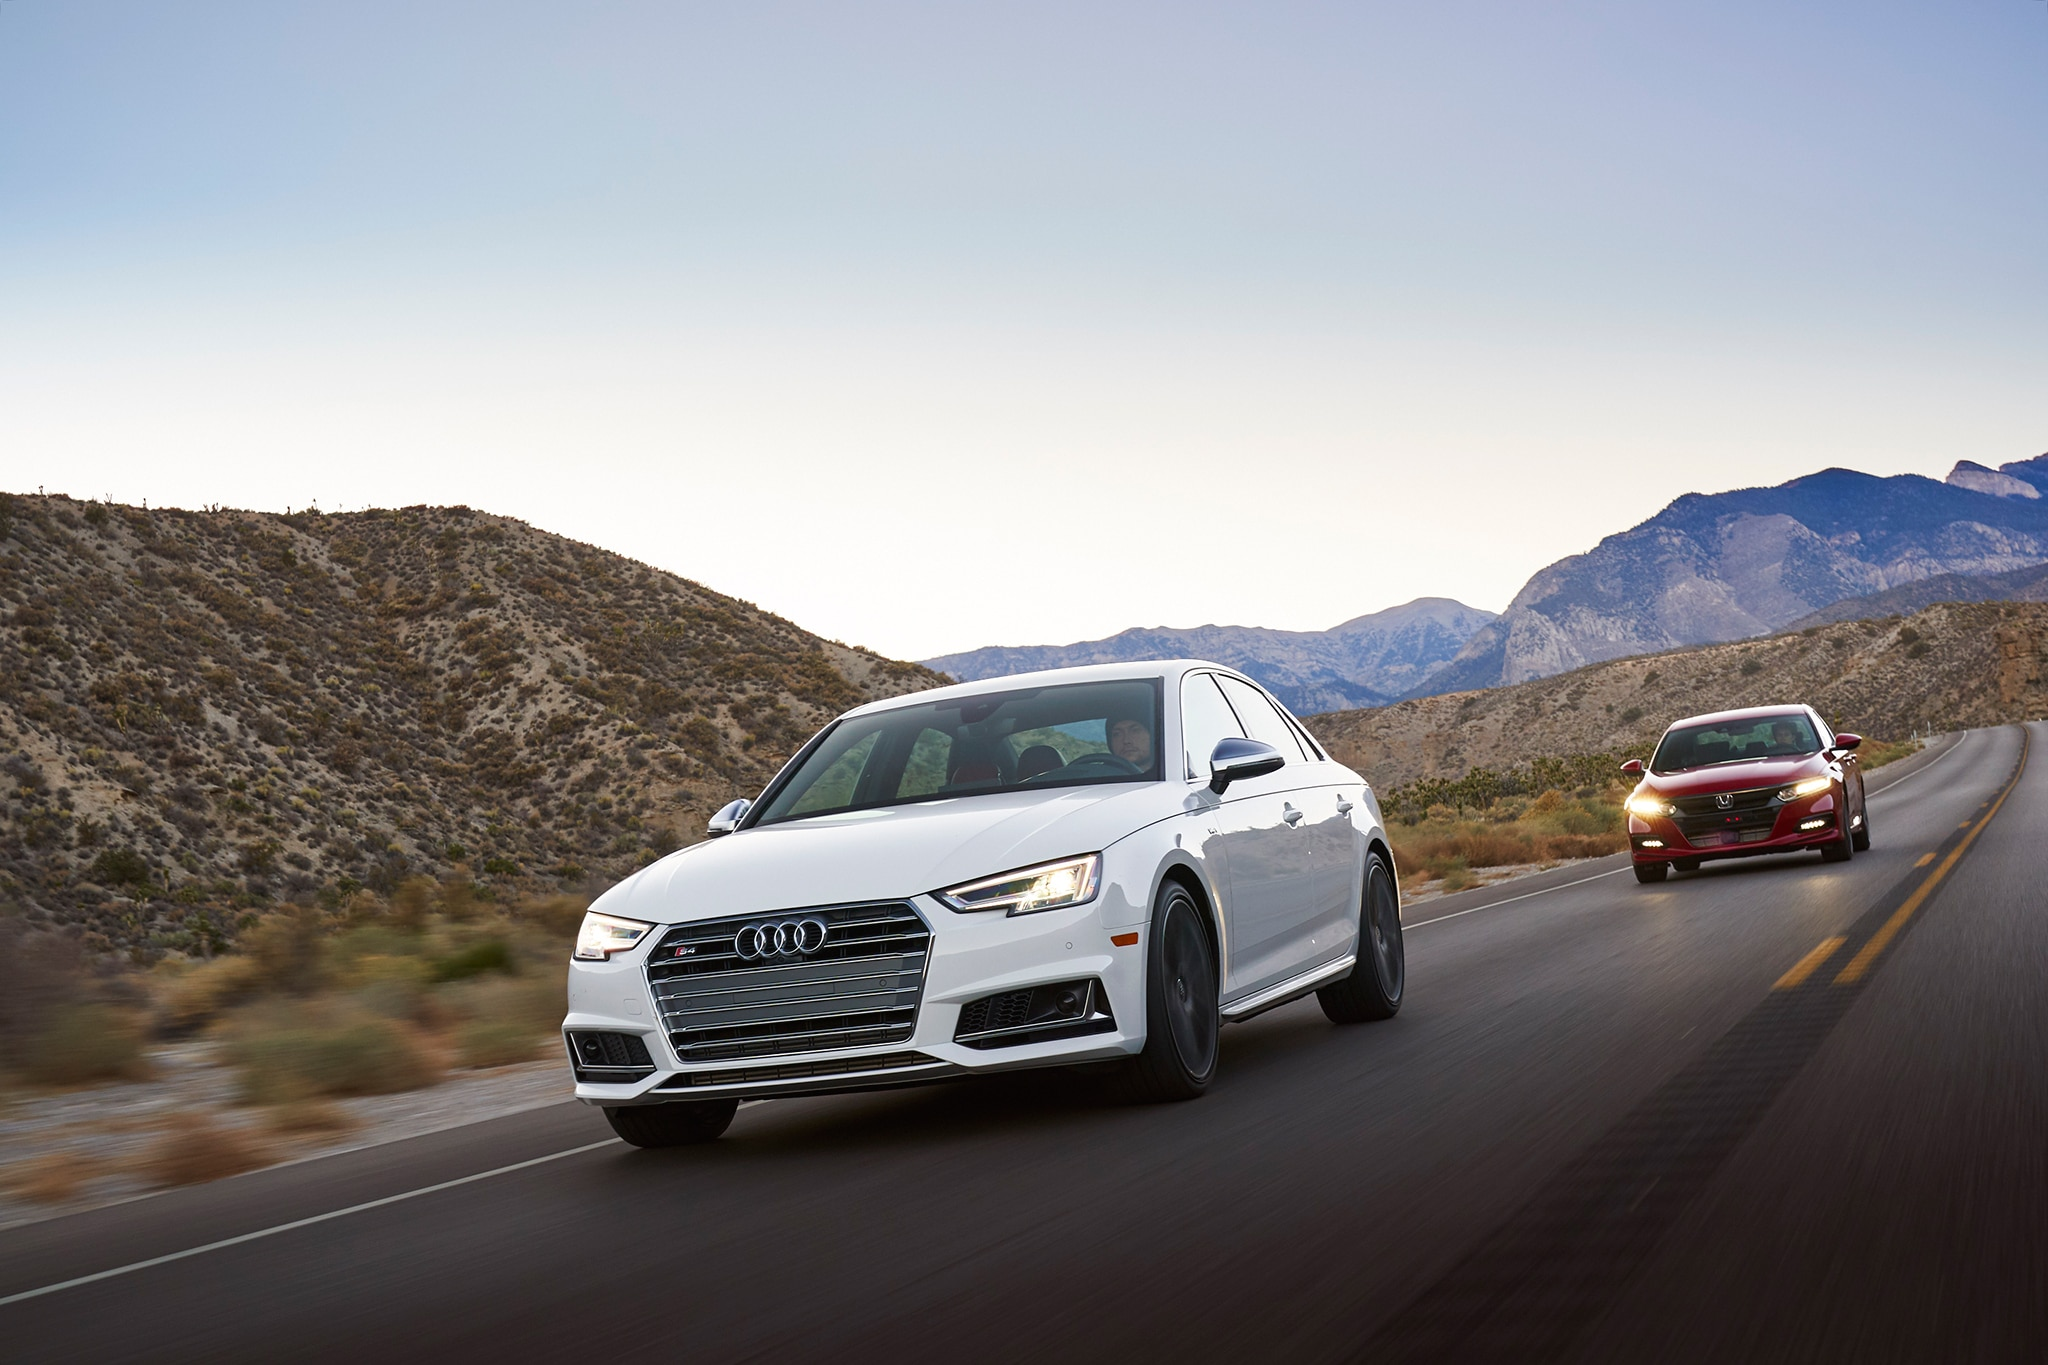 Audi S4 0 60 >> 2018 All-Stars Contender: Audi S4 3.0T quattro tiptronic ...